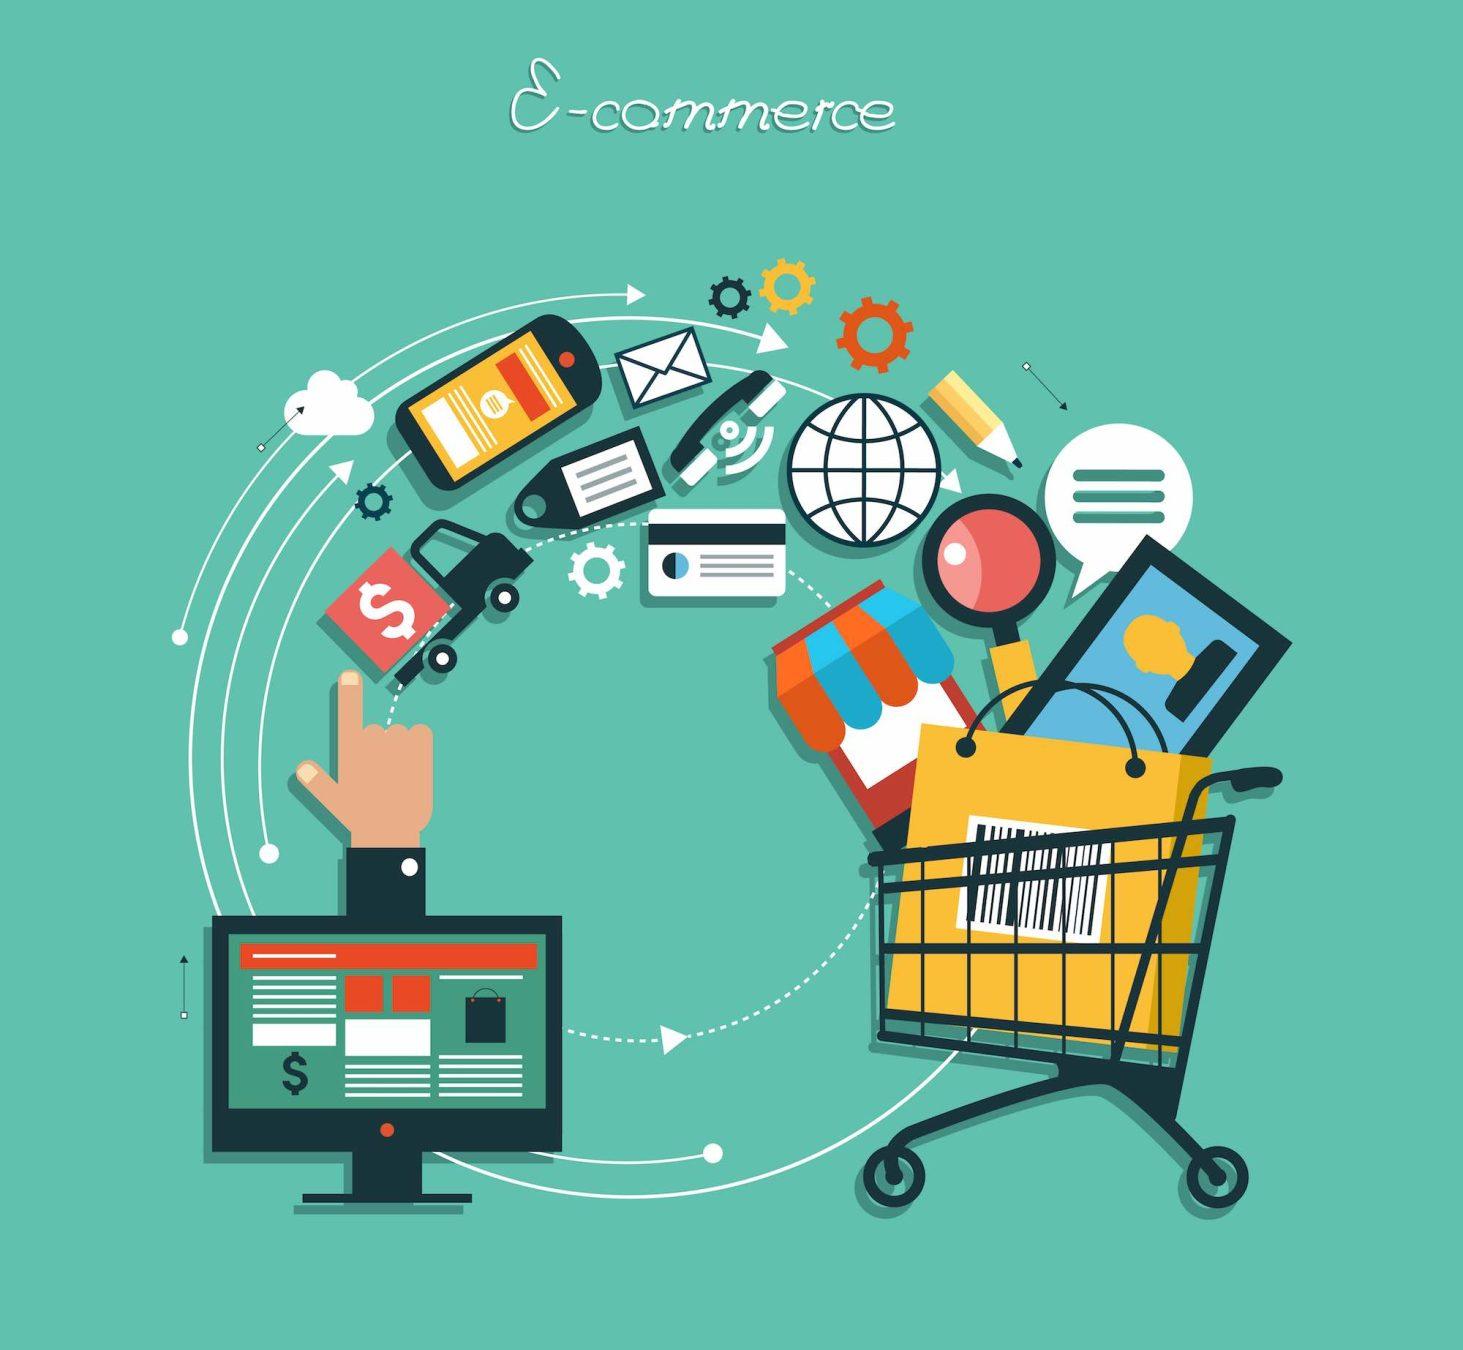 La spesa online è diventato il nuovo modo di fare la spesa online